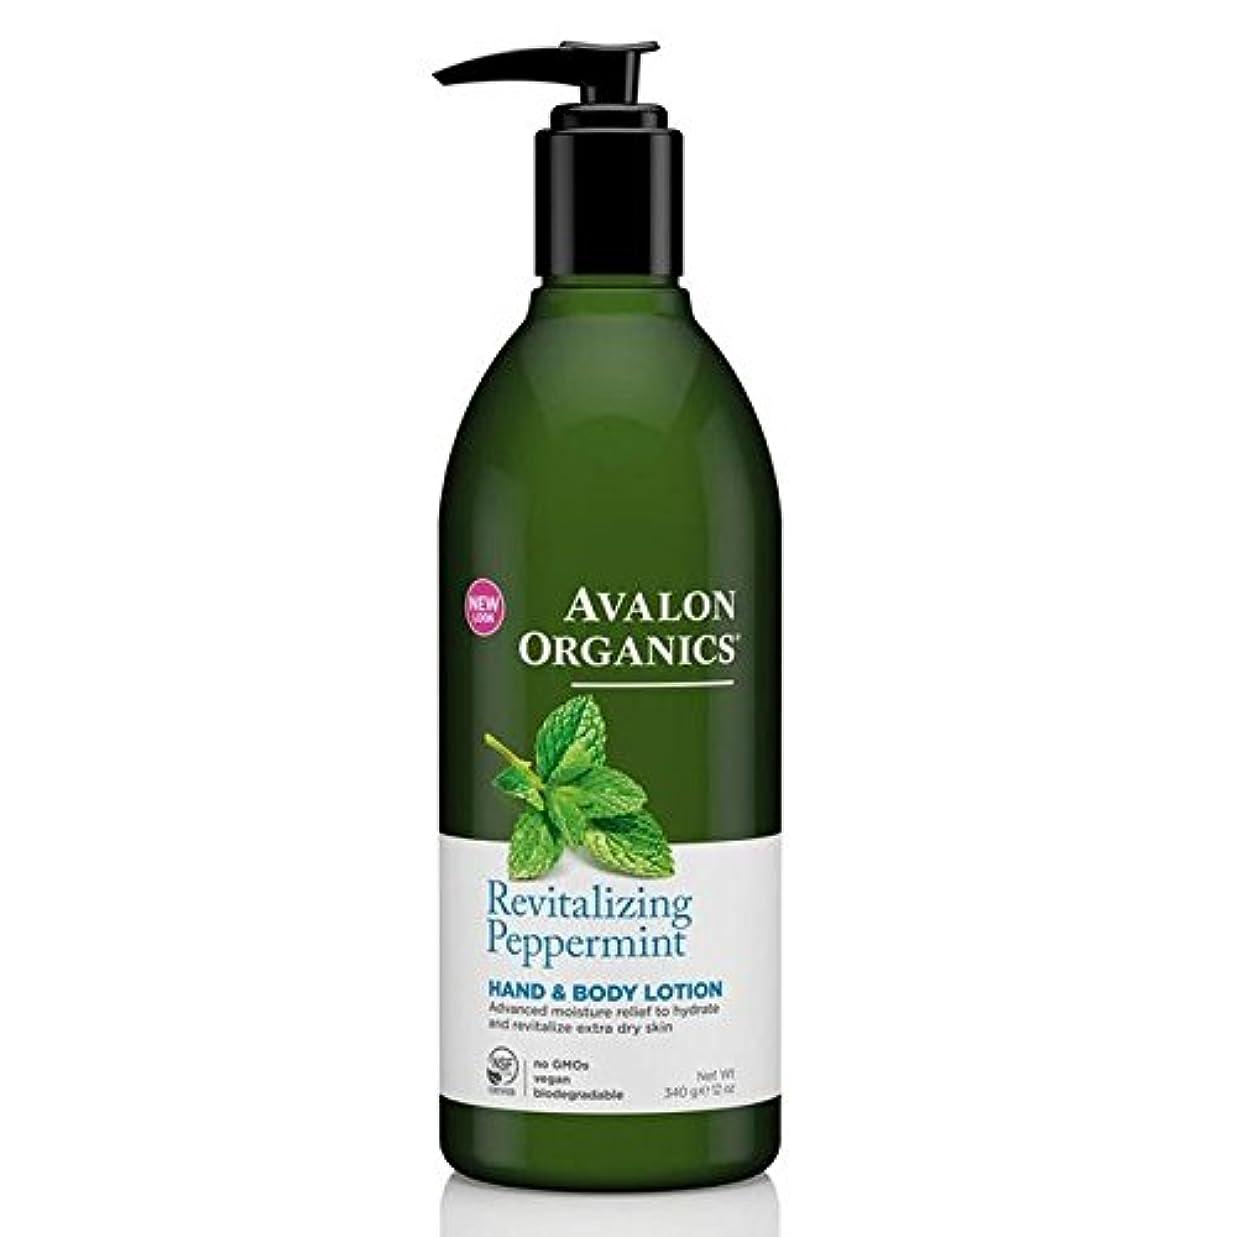 従順な割る針Avalon Peppermint Hand & Body Lotion 340g (Pack of 4) - (Avalon) ペパーミントハンド&ボディローション340グラム (x4) [並行輸入品]